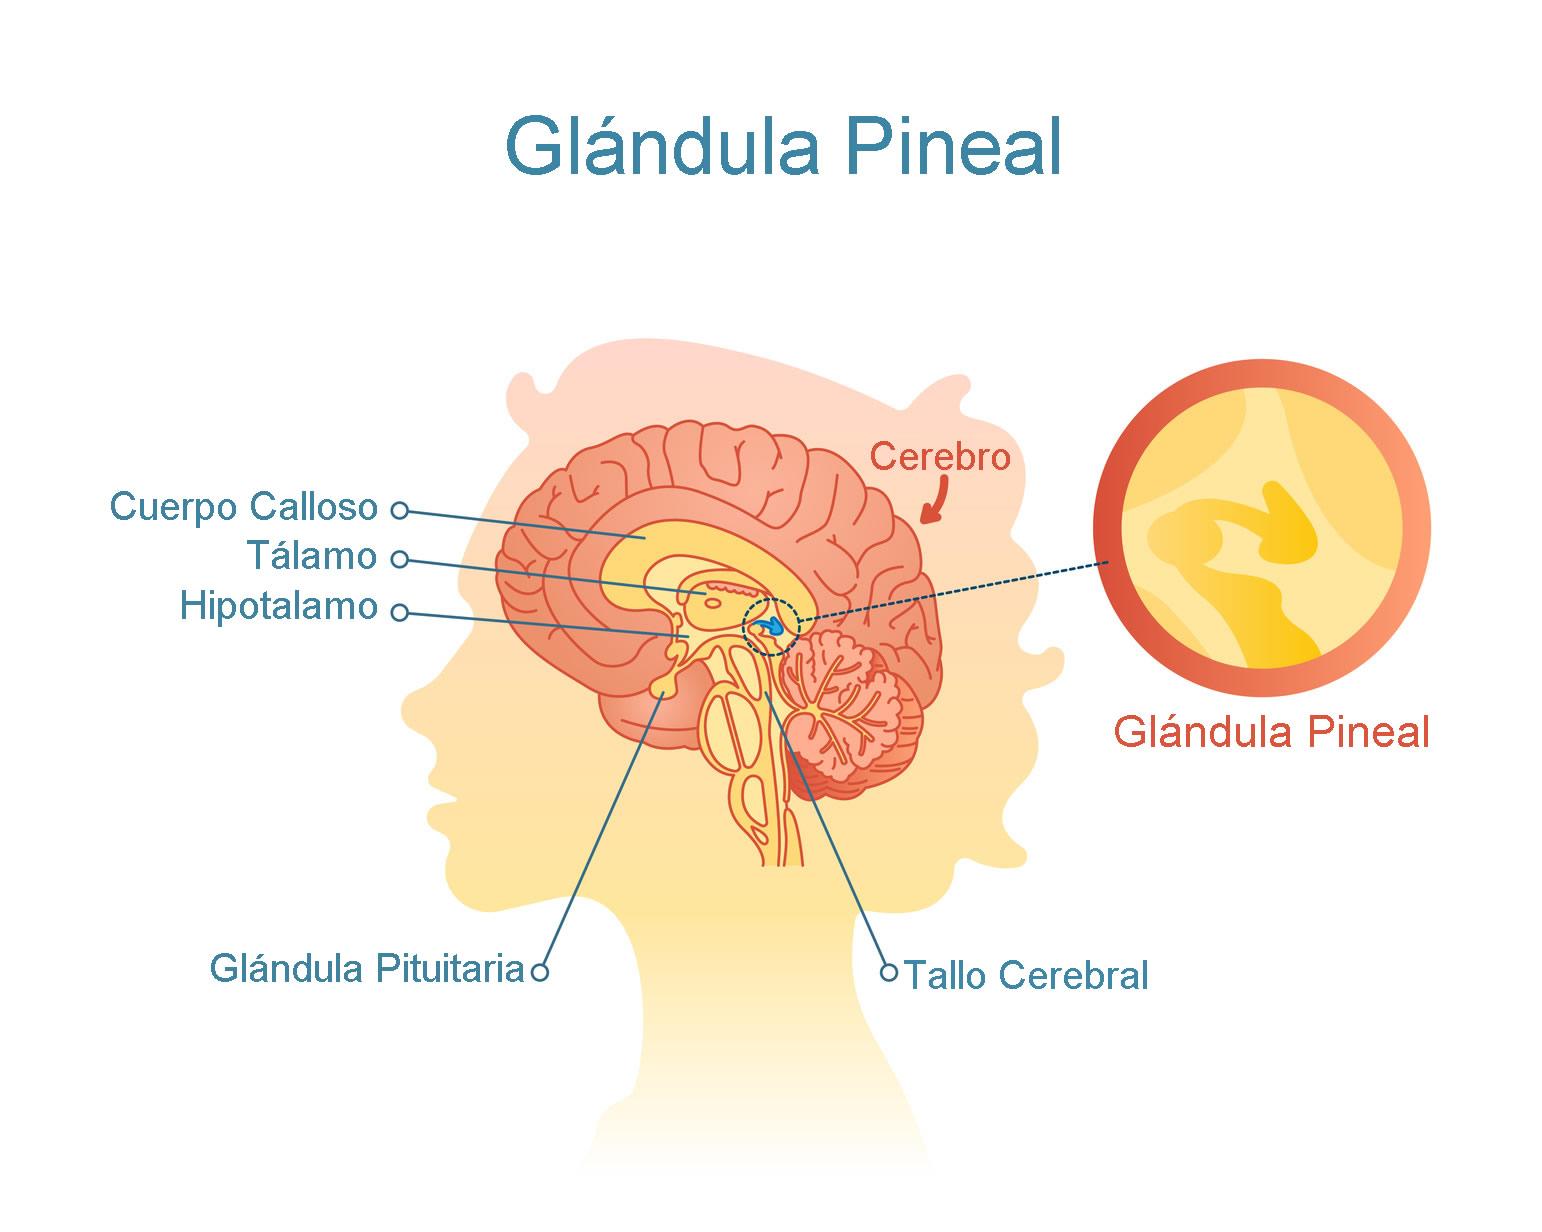 Definición de Glándula Pineal